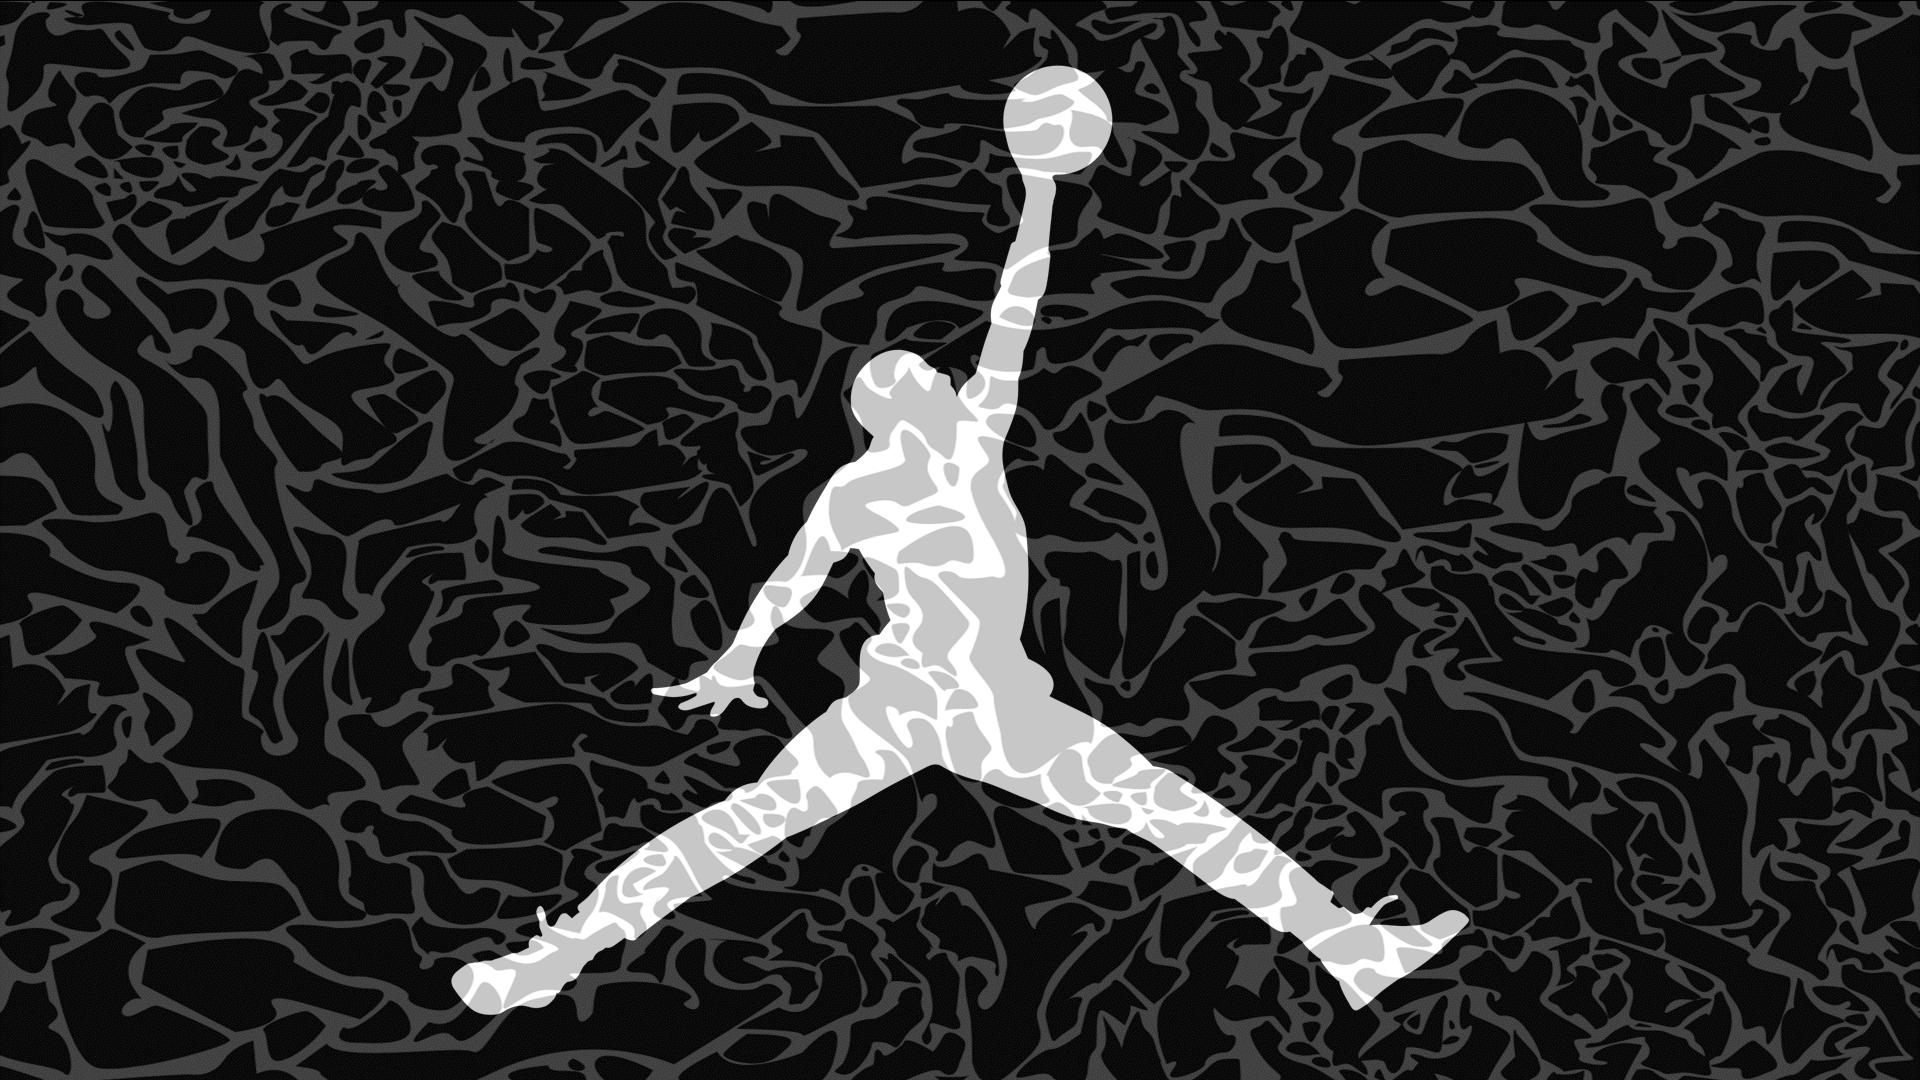 Air Jordan Wallpaper Hd 1920x1080